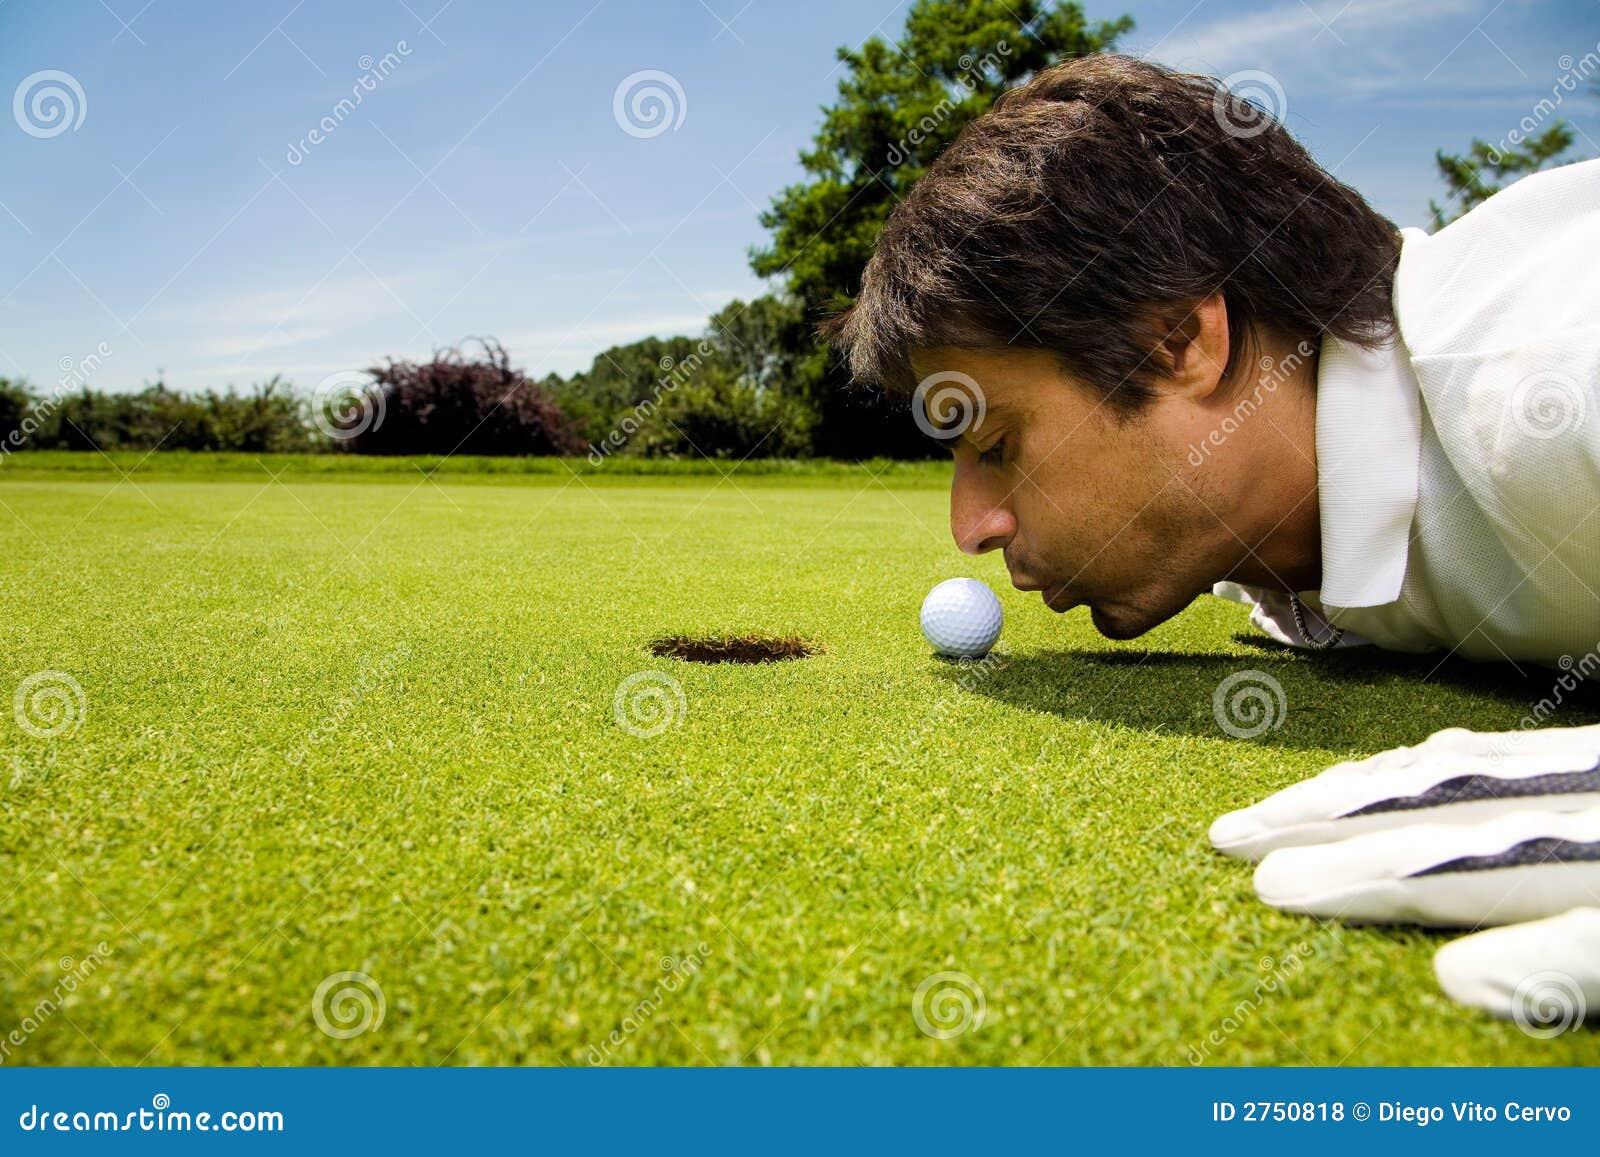 club de golf photo stock image du golfeur caucasien. Black Bedroom Furniture Sets. Home Design Ideas